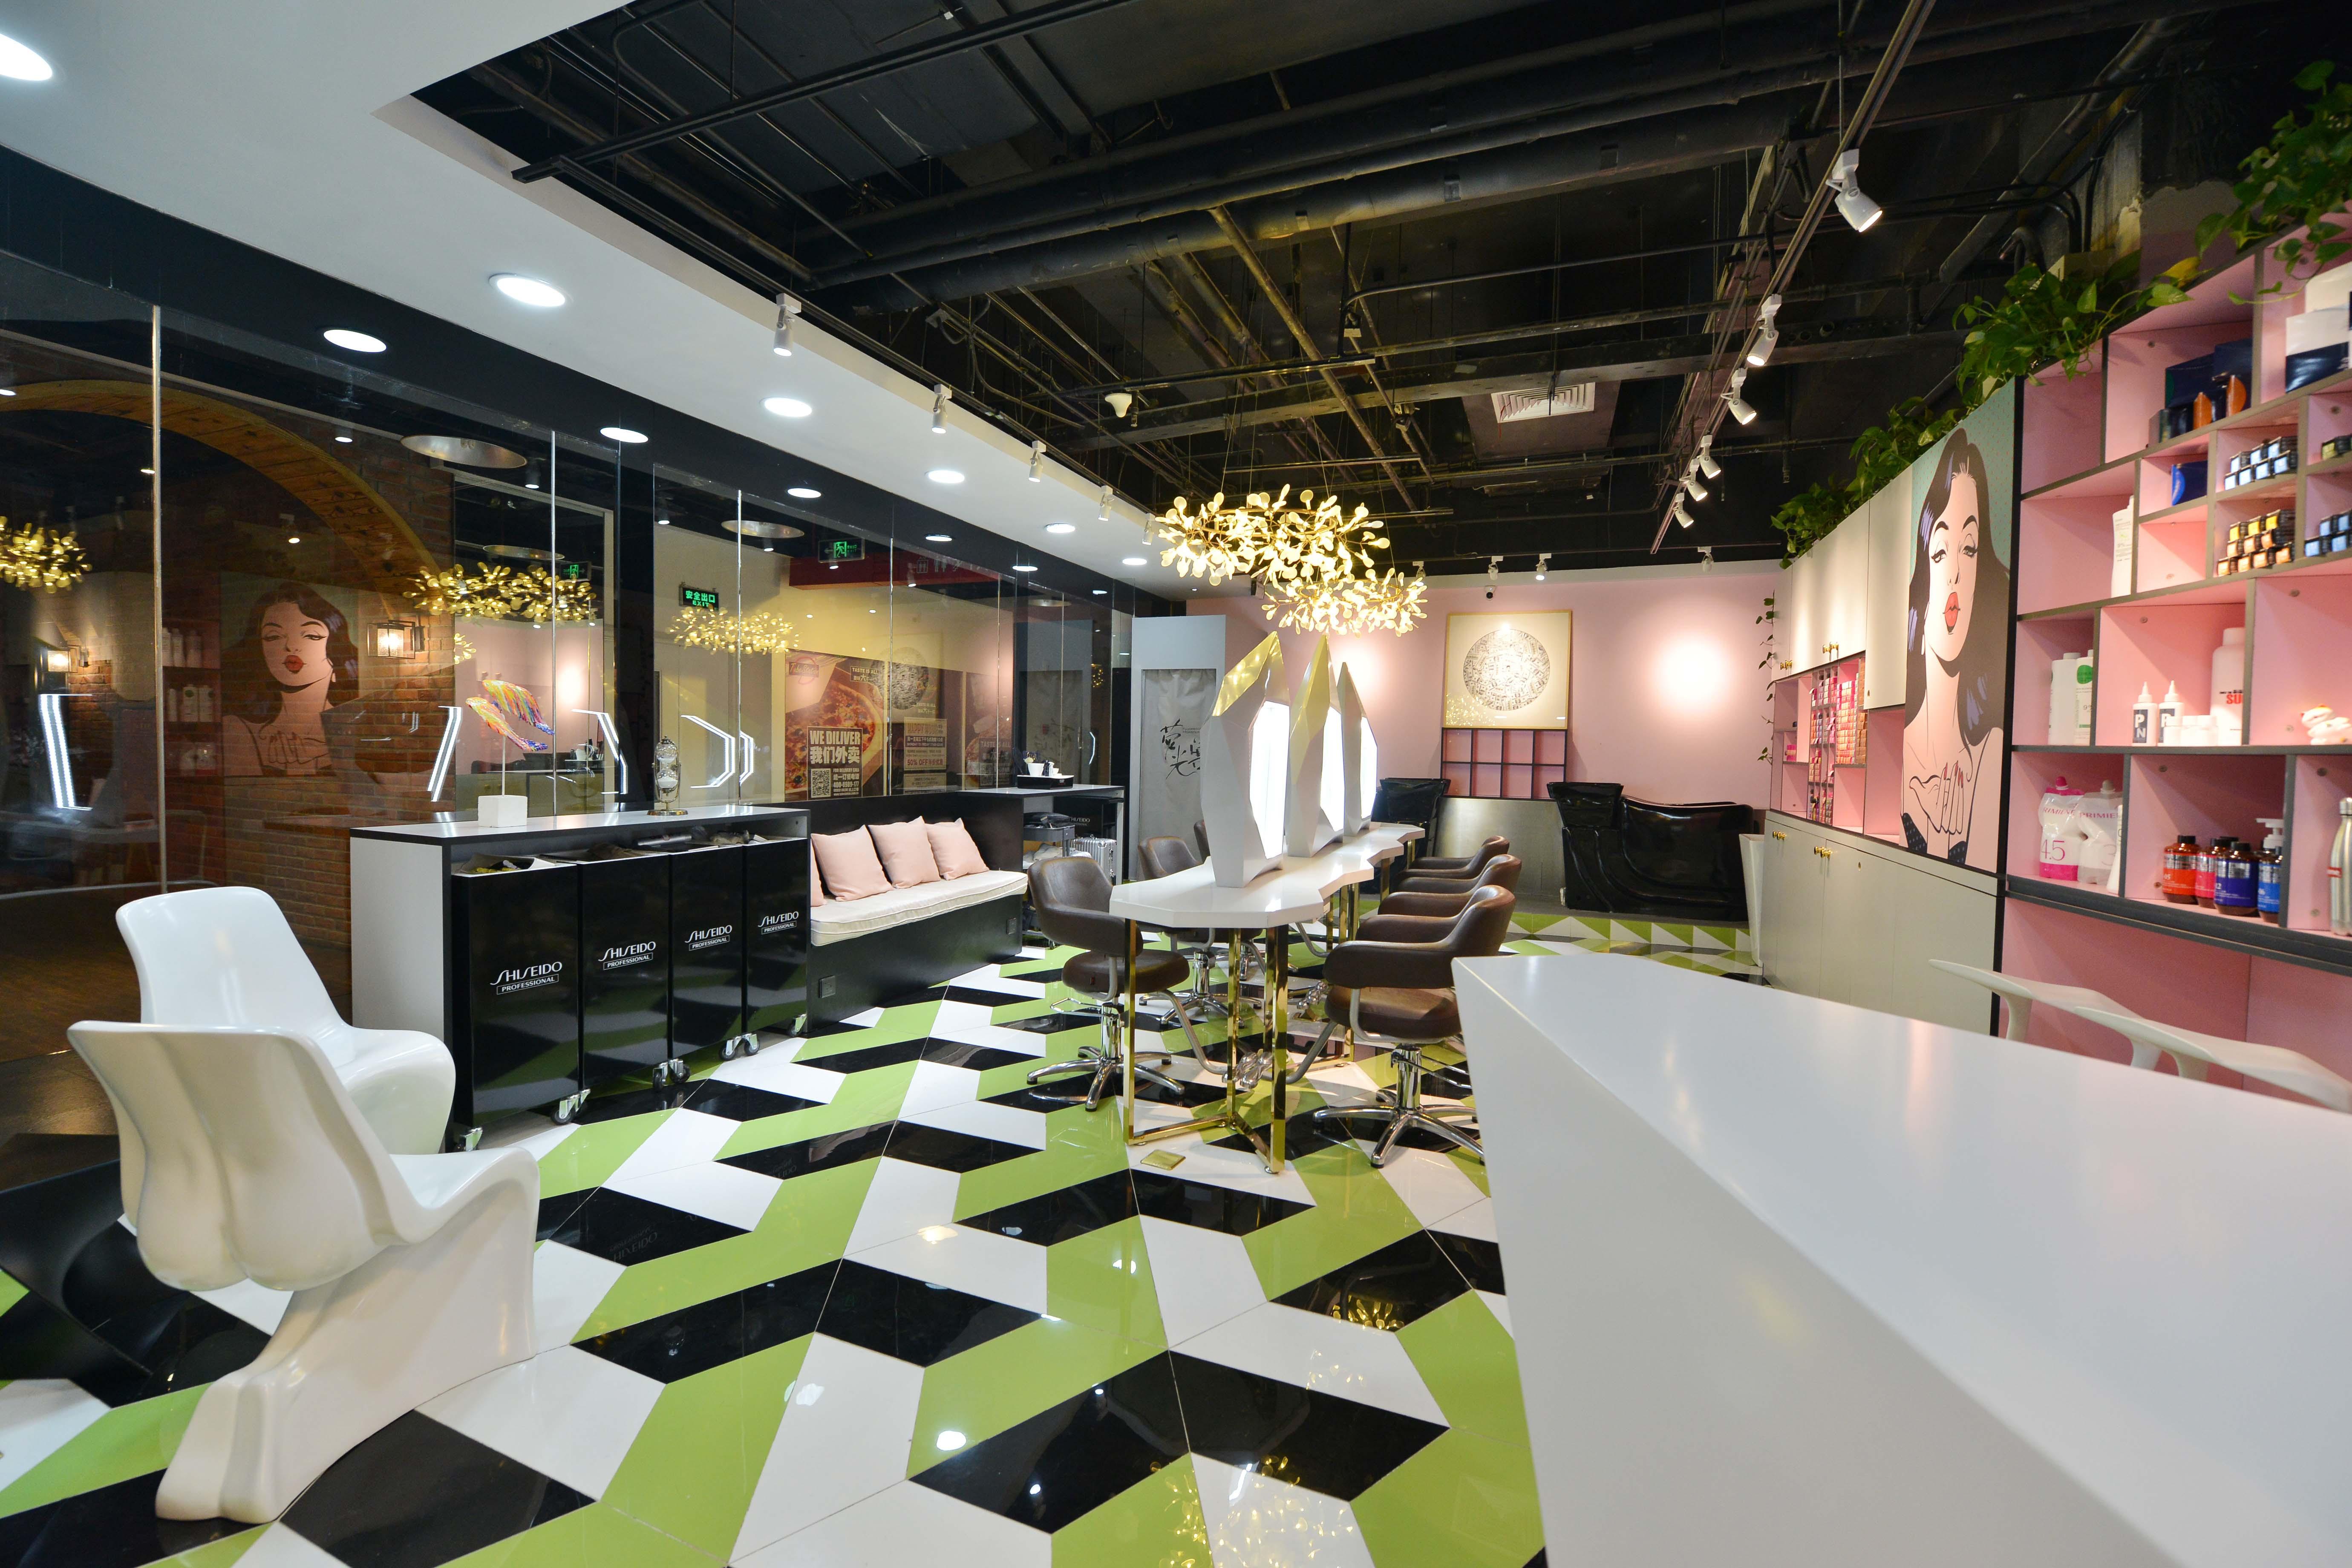 时尚前卫美妆店装修造型椅图片